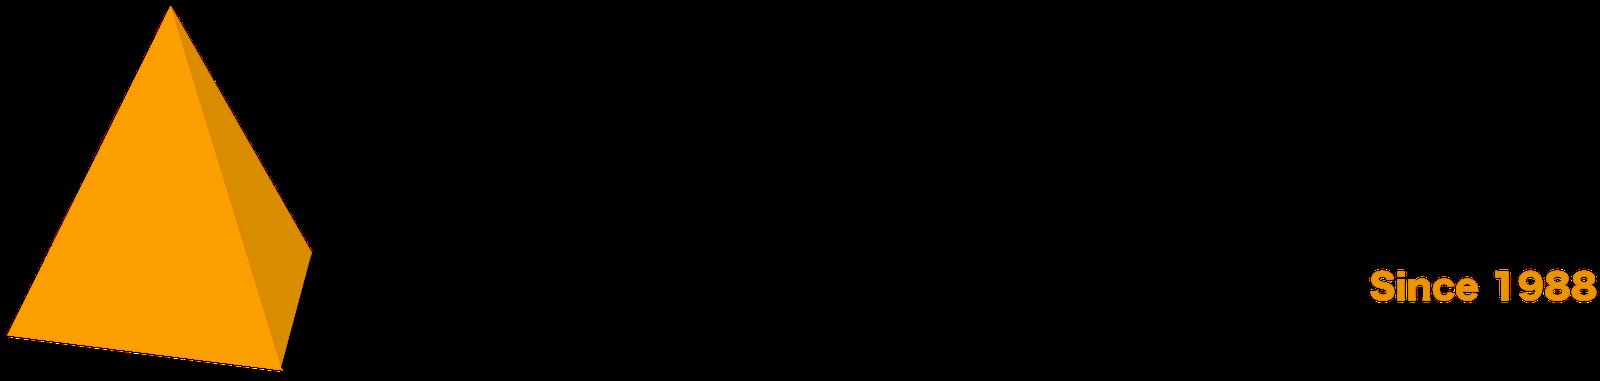 tetra engineering company logo